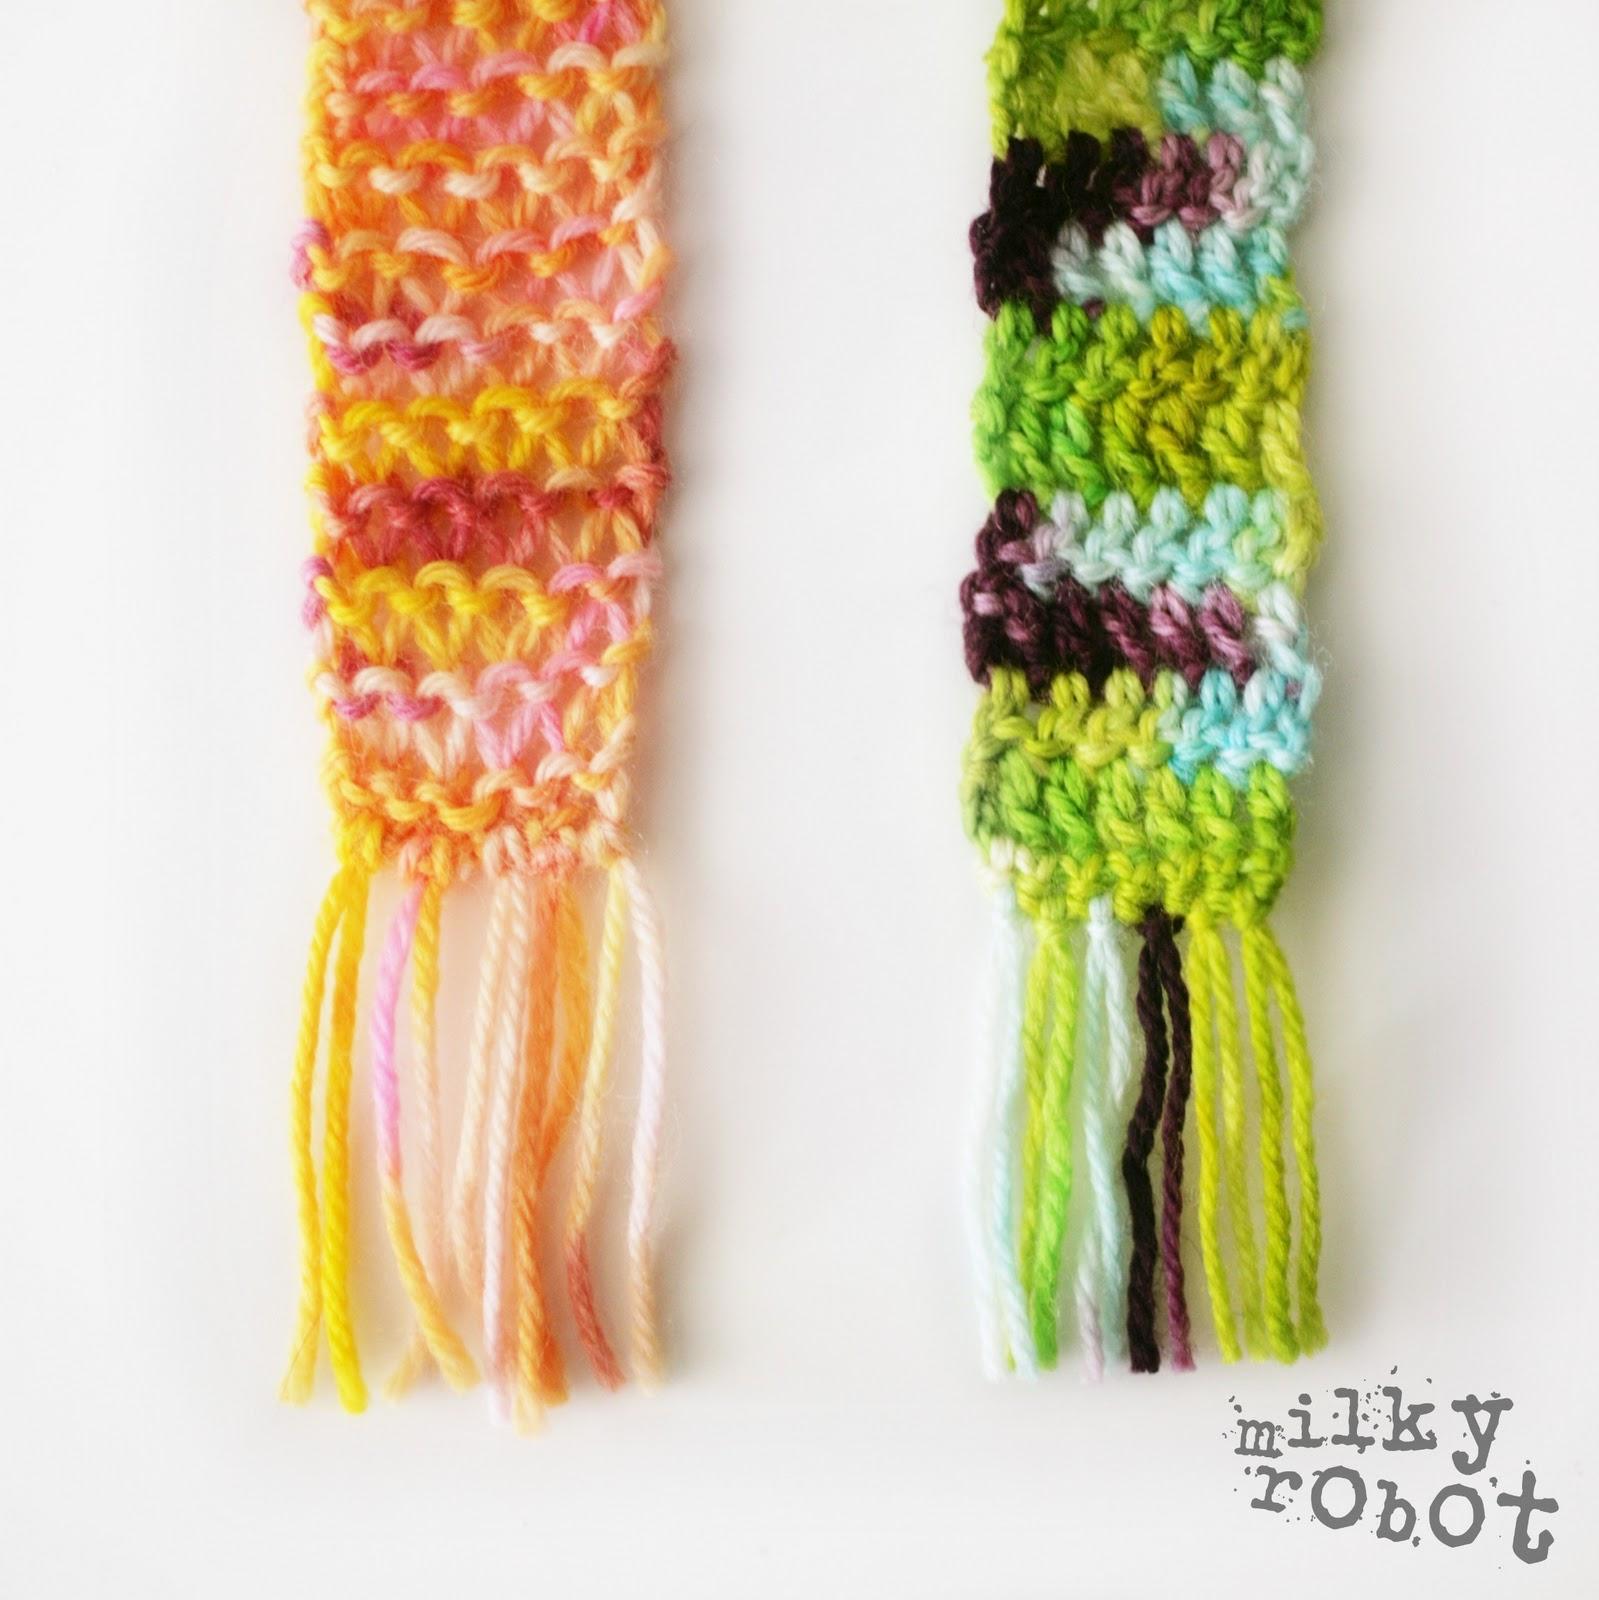 Knitting Pattern For Dolls Shawl : M I L K Y R O B O T : Doll Scarf Pattern - Crochet & Knit